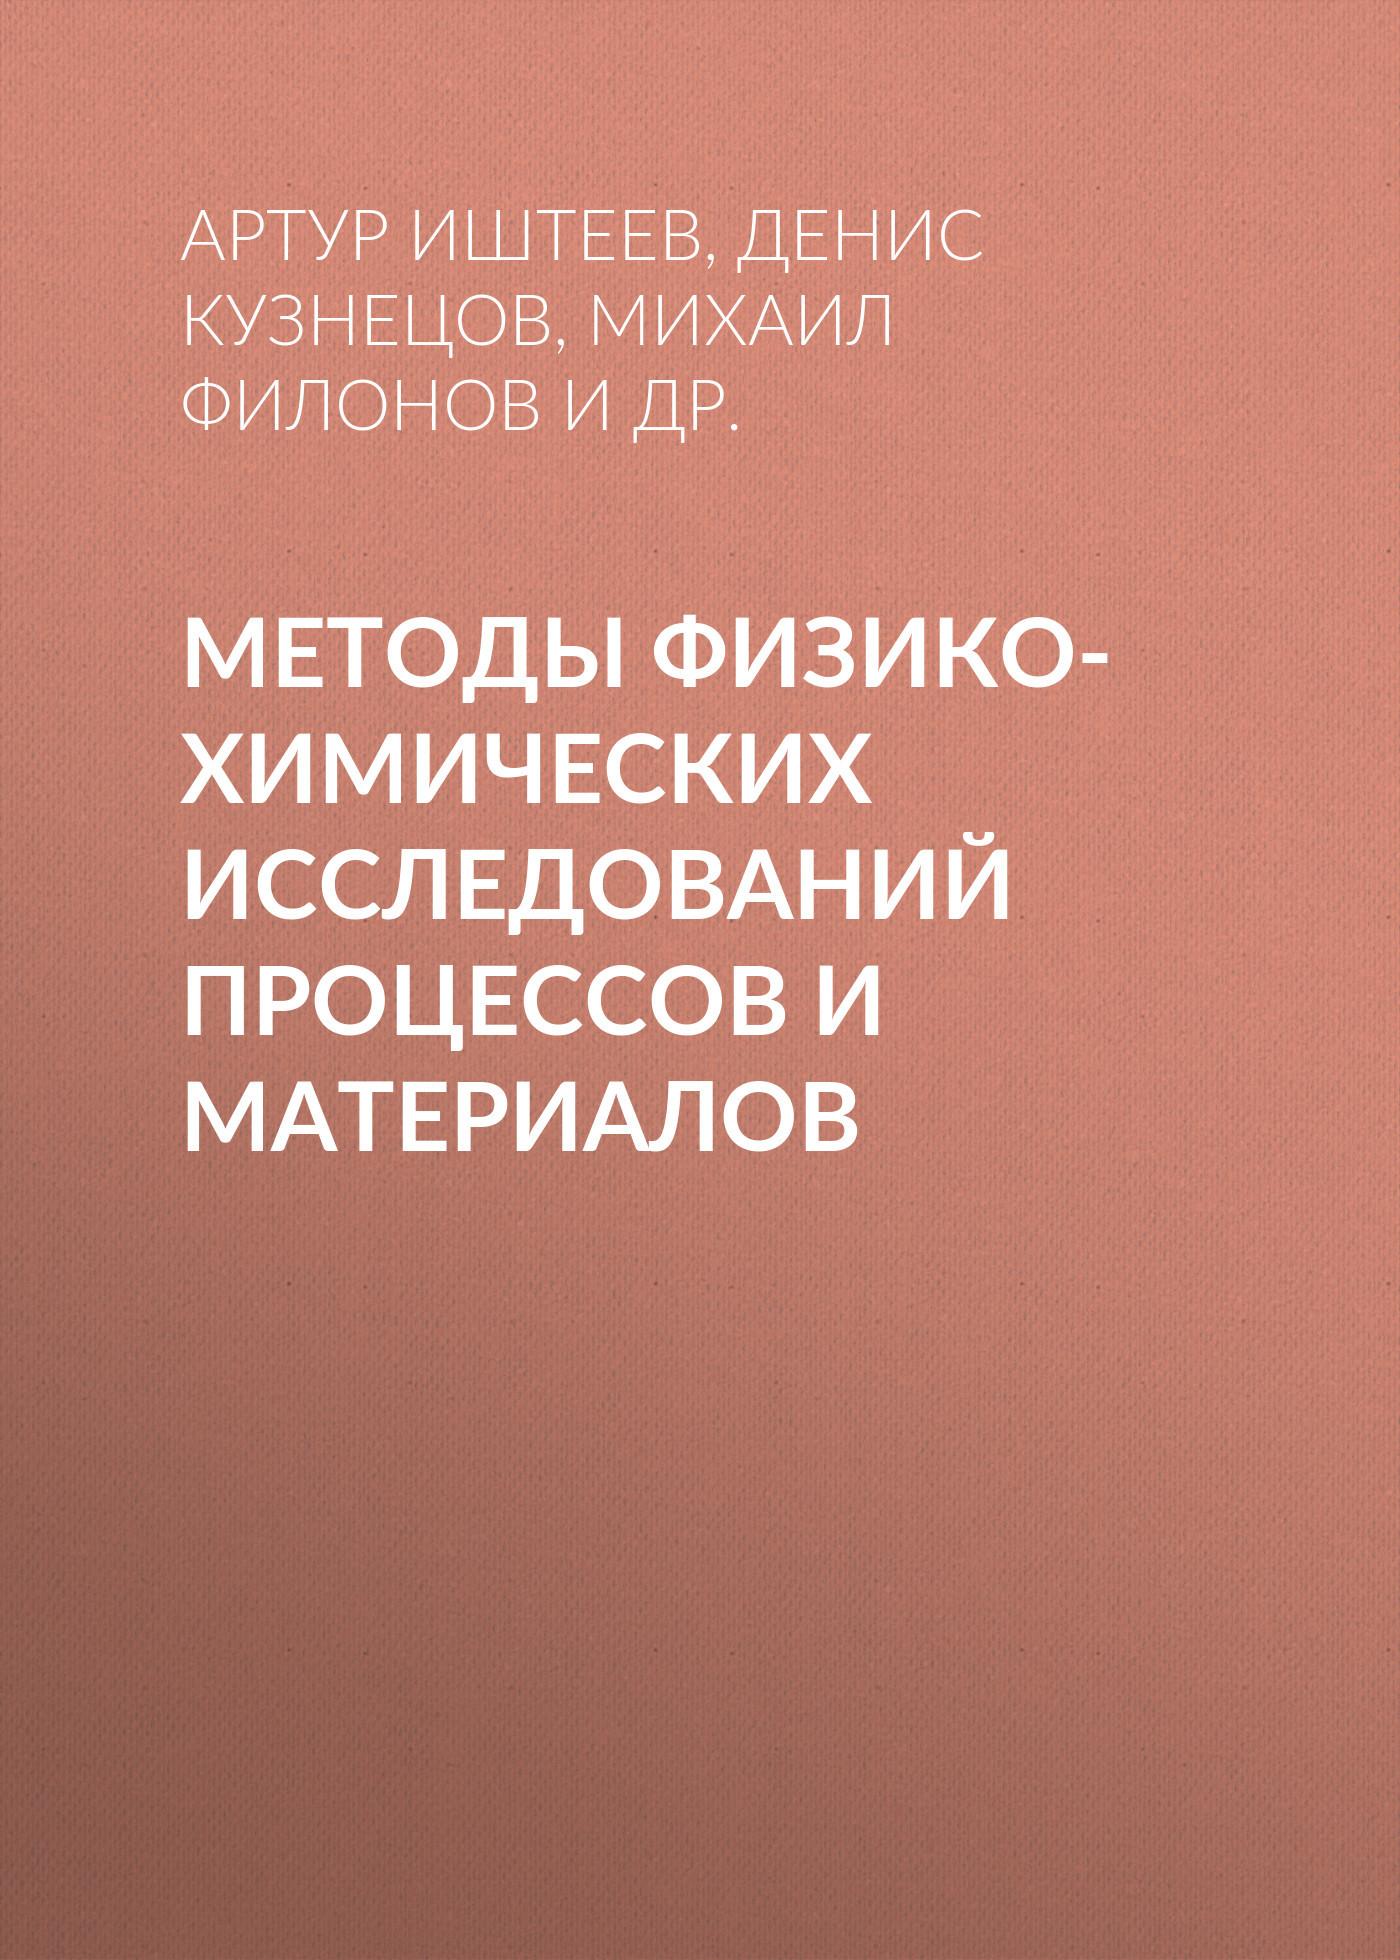 Денис Кузнецов Методы физико-химических исследований процессов и материалов лабораторный набор по сопротивлению материалов